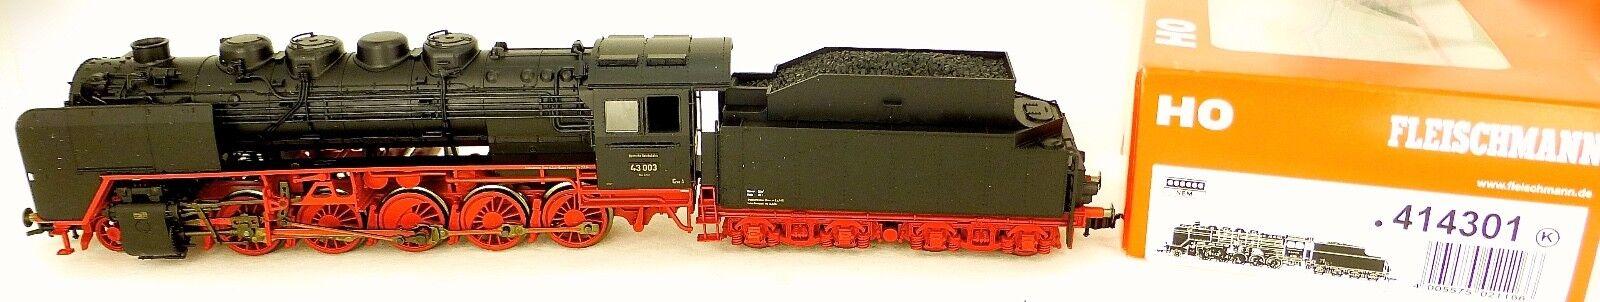 Fleischmann 414301 Br 43 Locomotive à Vapeur DRG Ep2 Dss Nem 651 H0 1 87